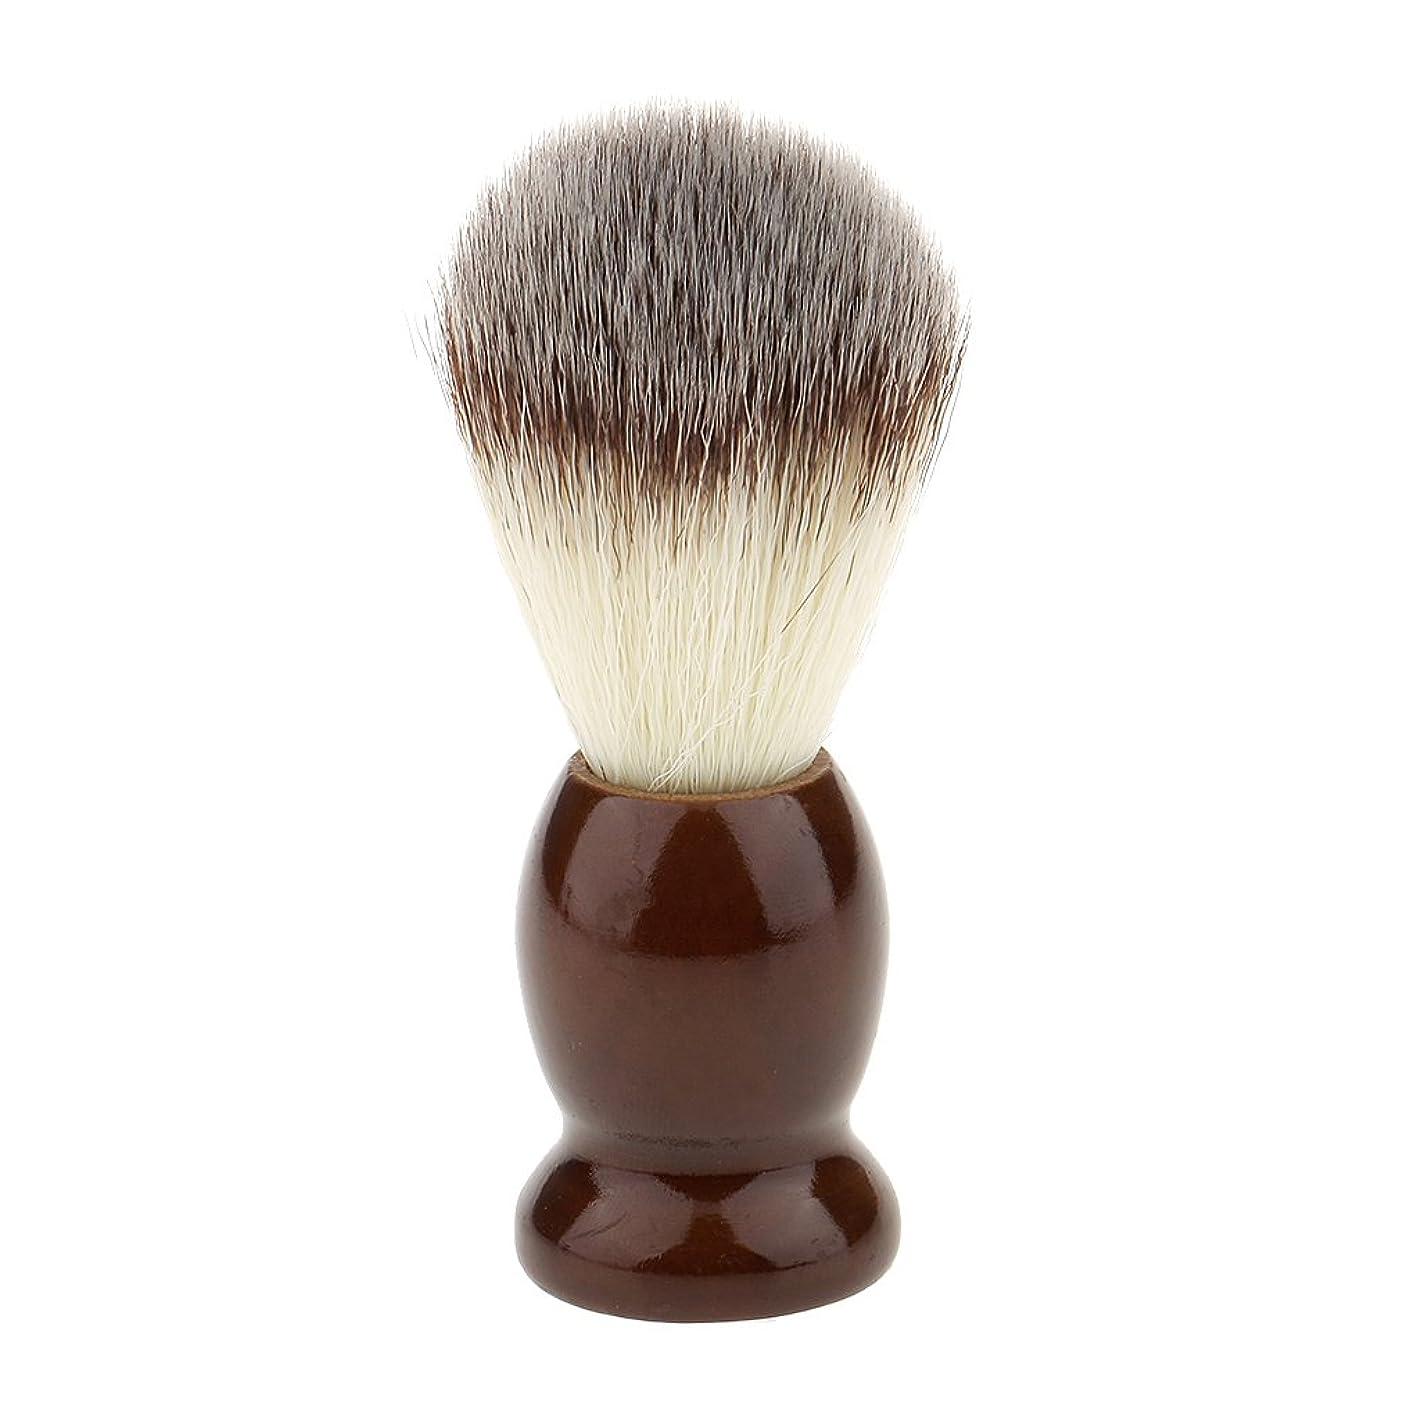 指定クレーター若いKesoto ナイロン製 シェービングブラシ 柔らかい 理容  洗顔  髭剃り 便携 10.5cm  ブラウン